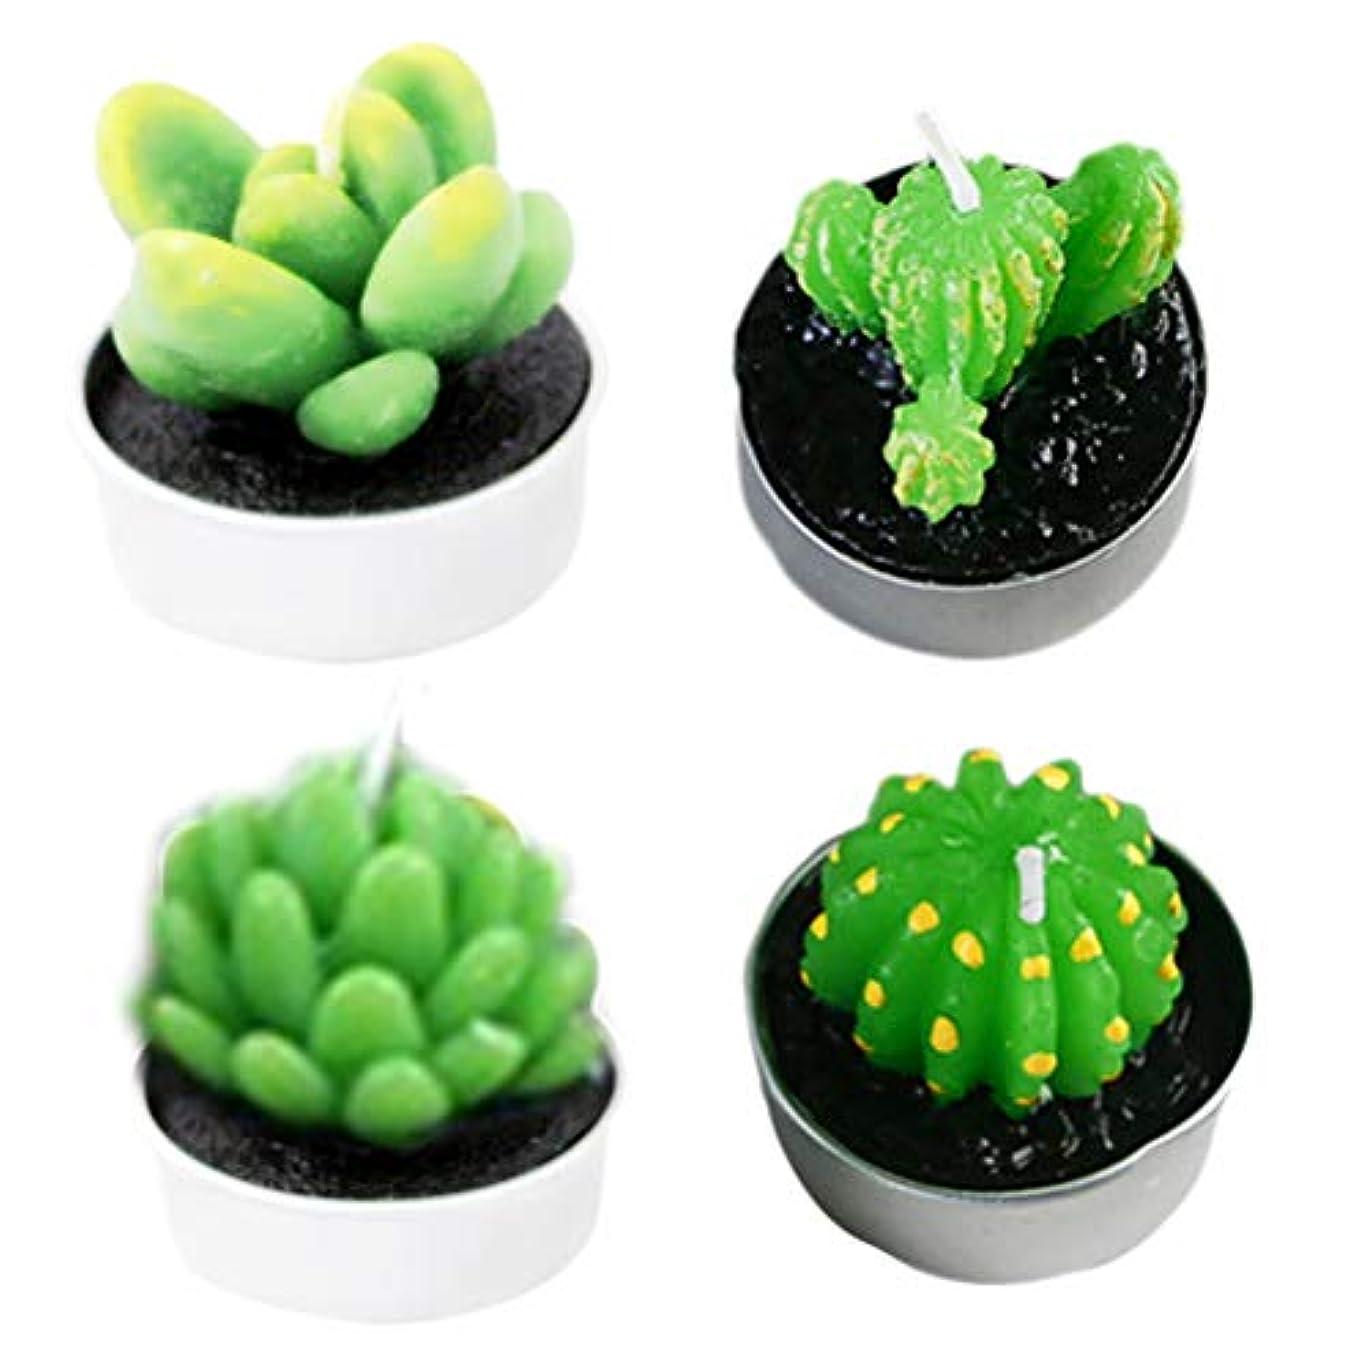 スクラッチ薄いです厚いBESTOYARD 6本スパイシーなサボテンキャンドルミニ装飾植物の形のキャンドルスパのホームクリスマスウェディングパーティデコレーションギフト(ランダムスタイル)